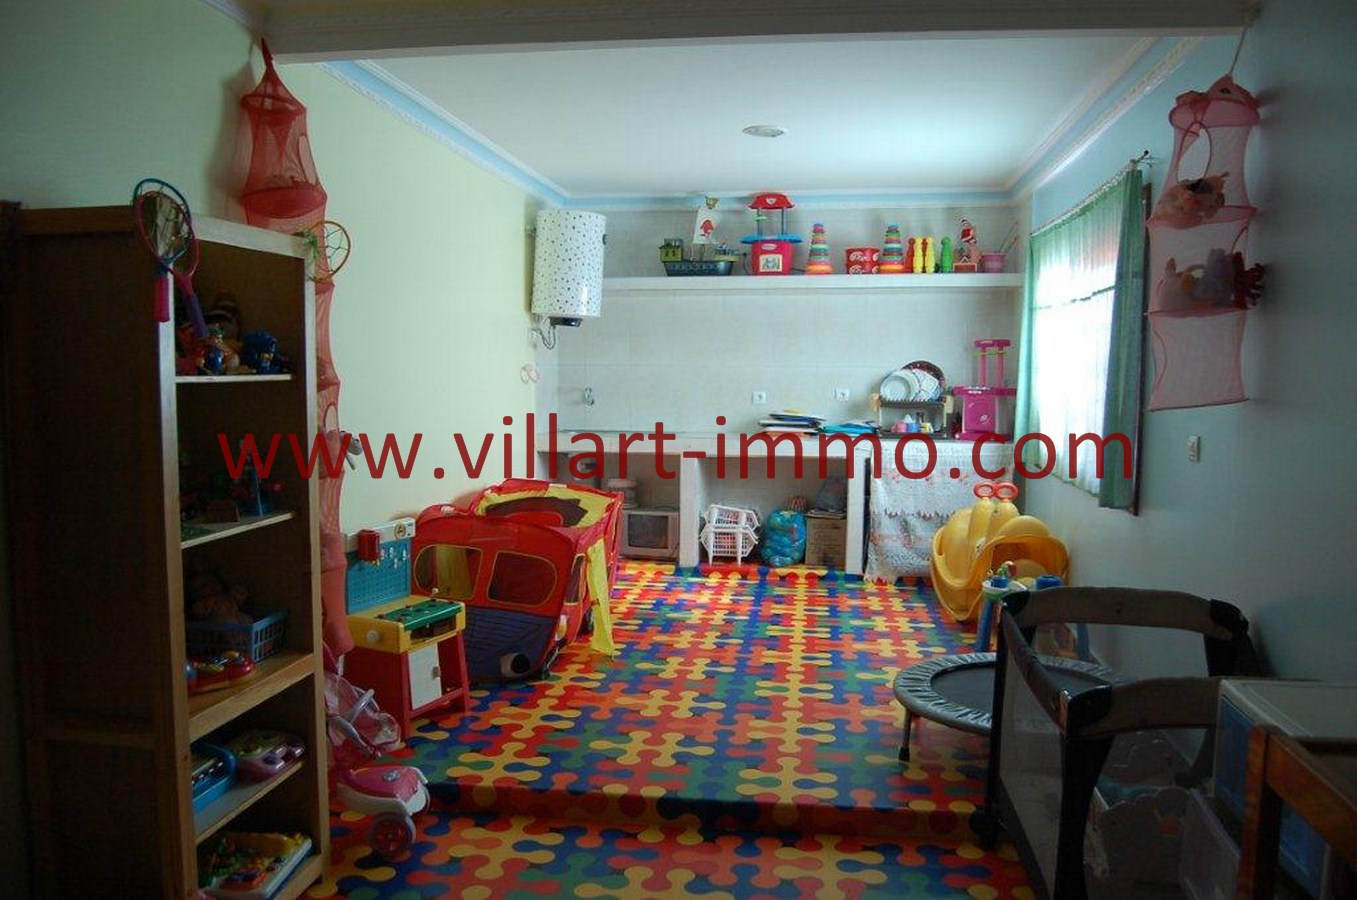 1-Vente-Villa-Tanger-Mojahidin-Salon -VV512-Villart Immo